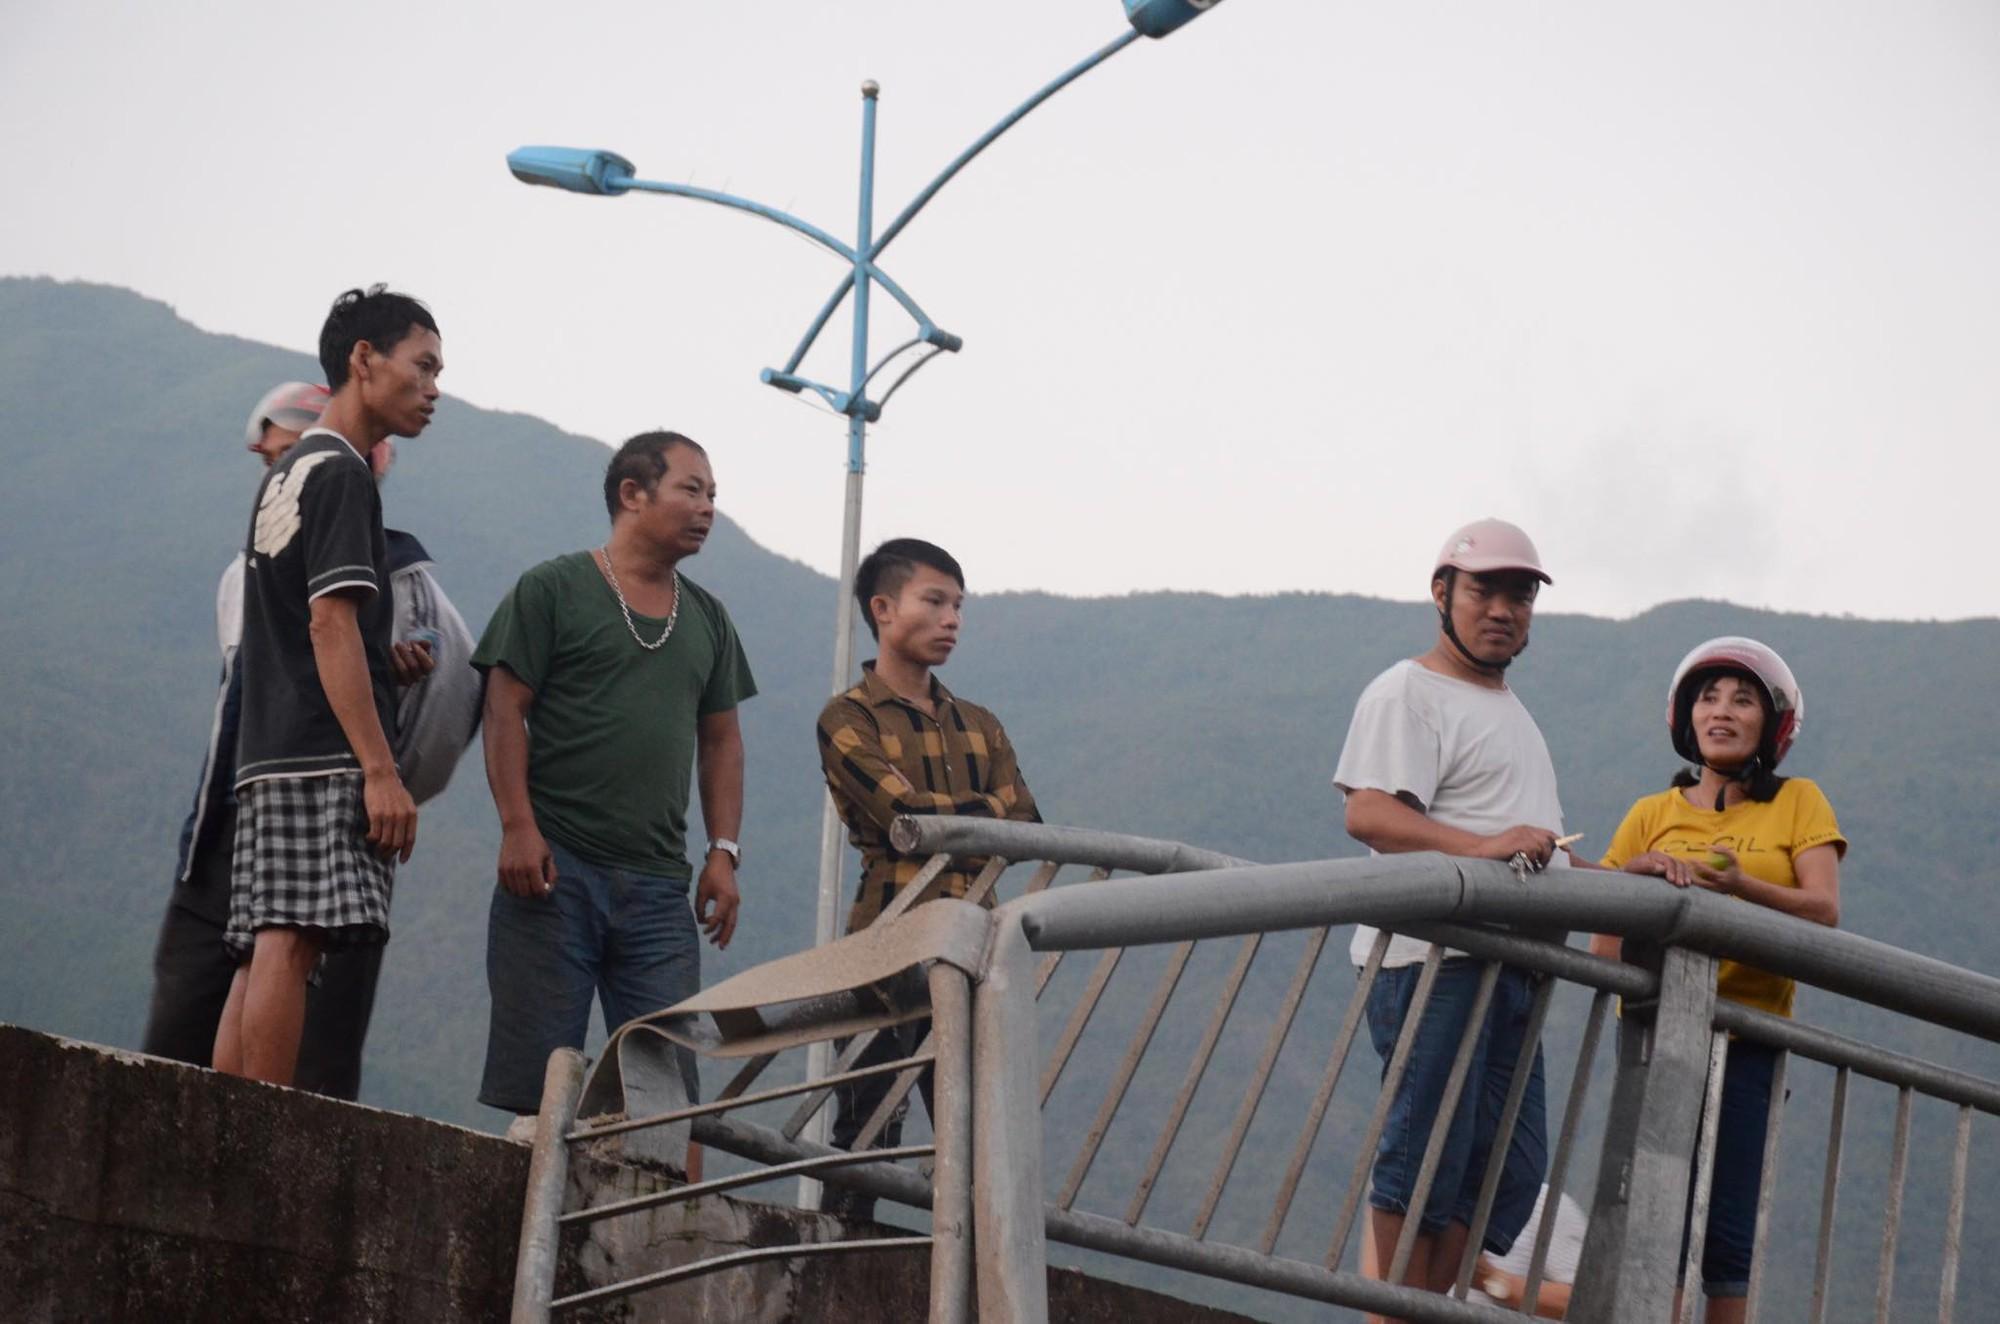 Nhân chứng kể lại vụ tai nạn 13 người chết ở Lai Châu: Trước khi gặp nạn, xe bồn bấm còi liên tục, tài xế mở cửa hét lớn - Ảnh 4.